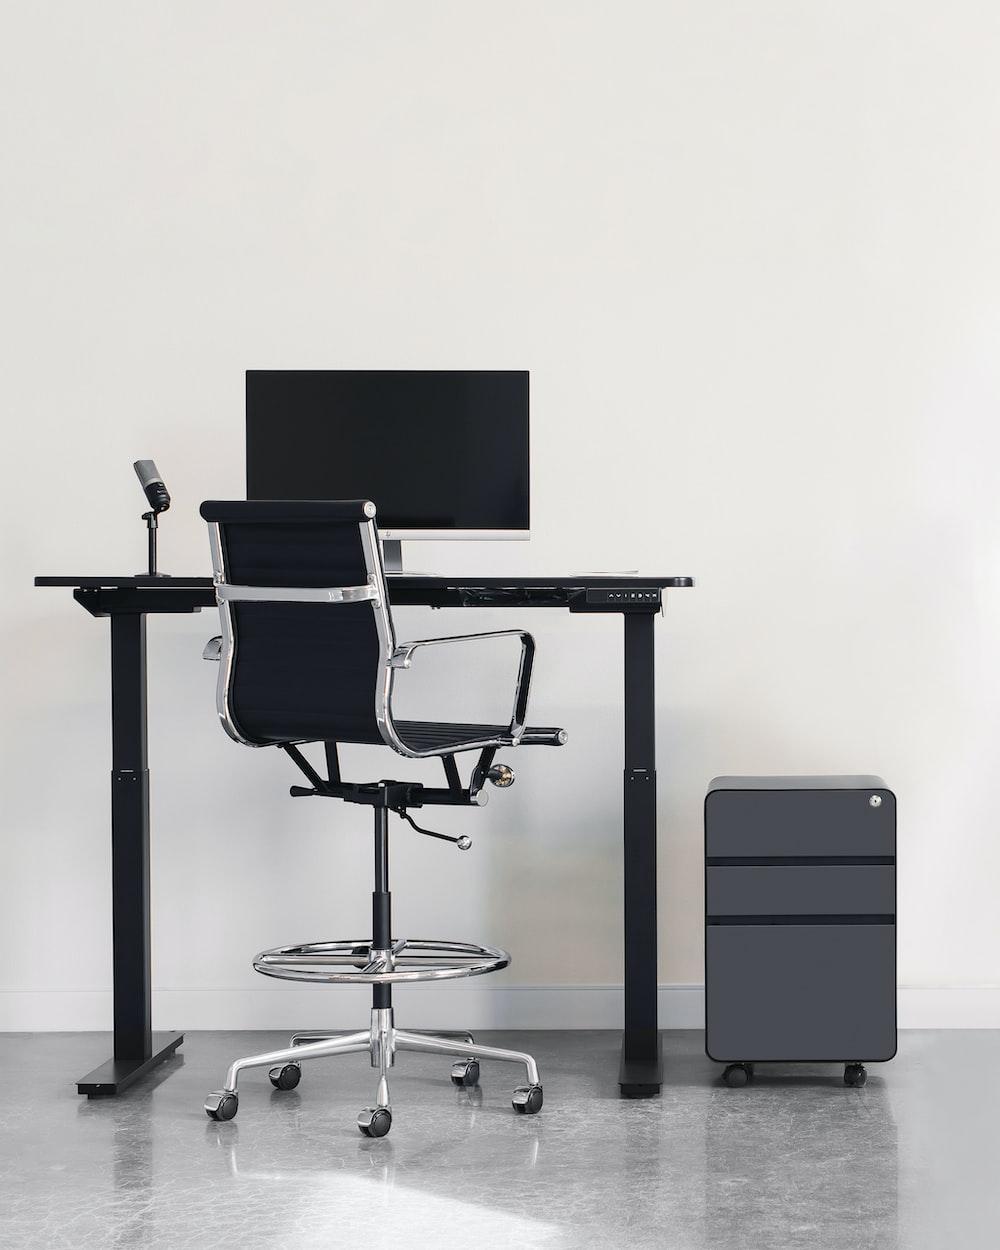 black and silver bar stools